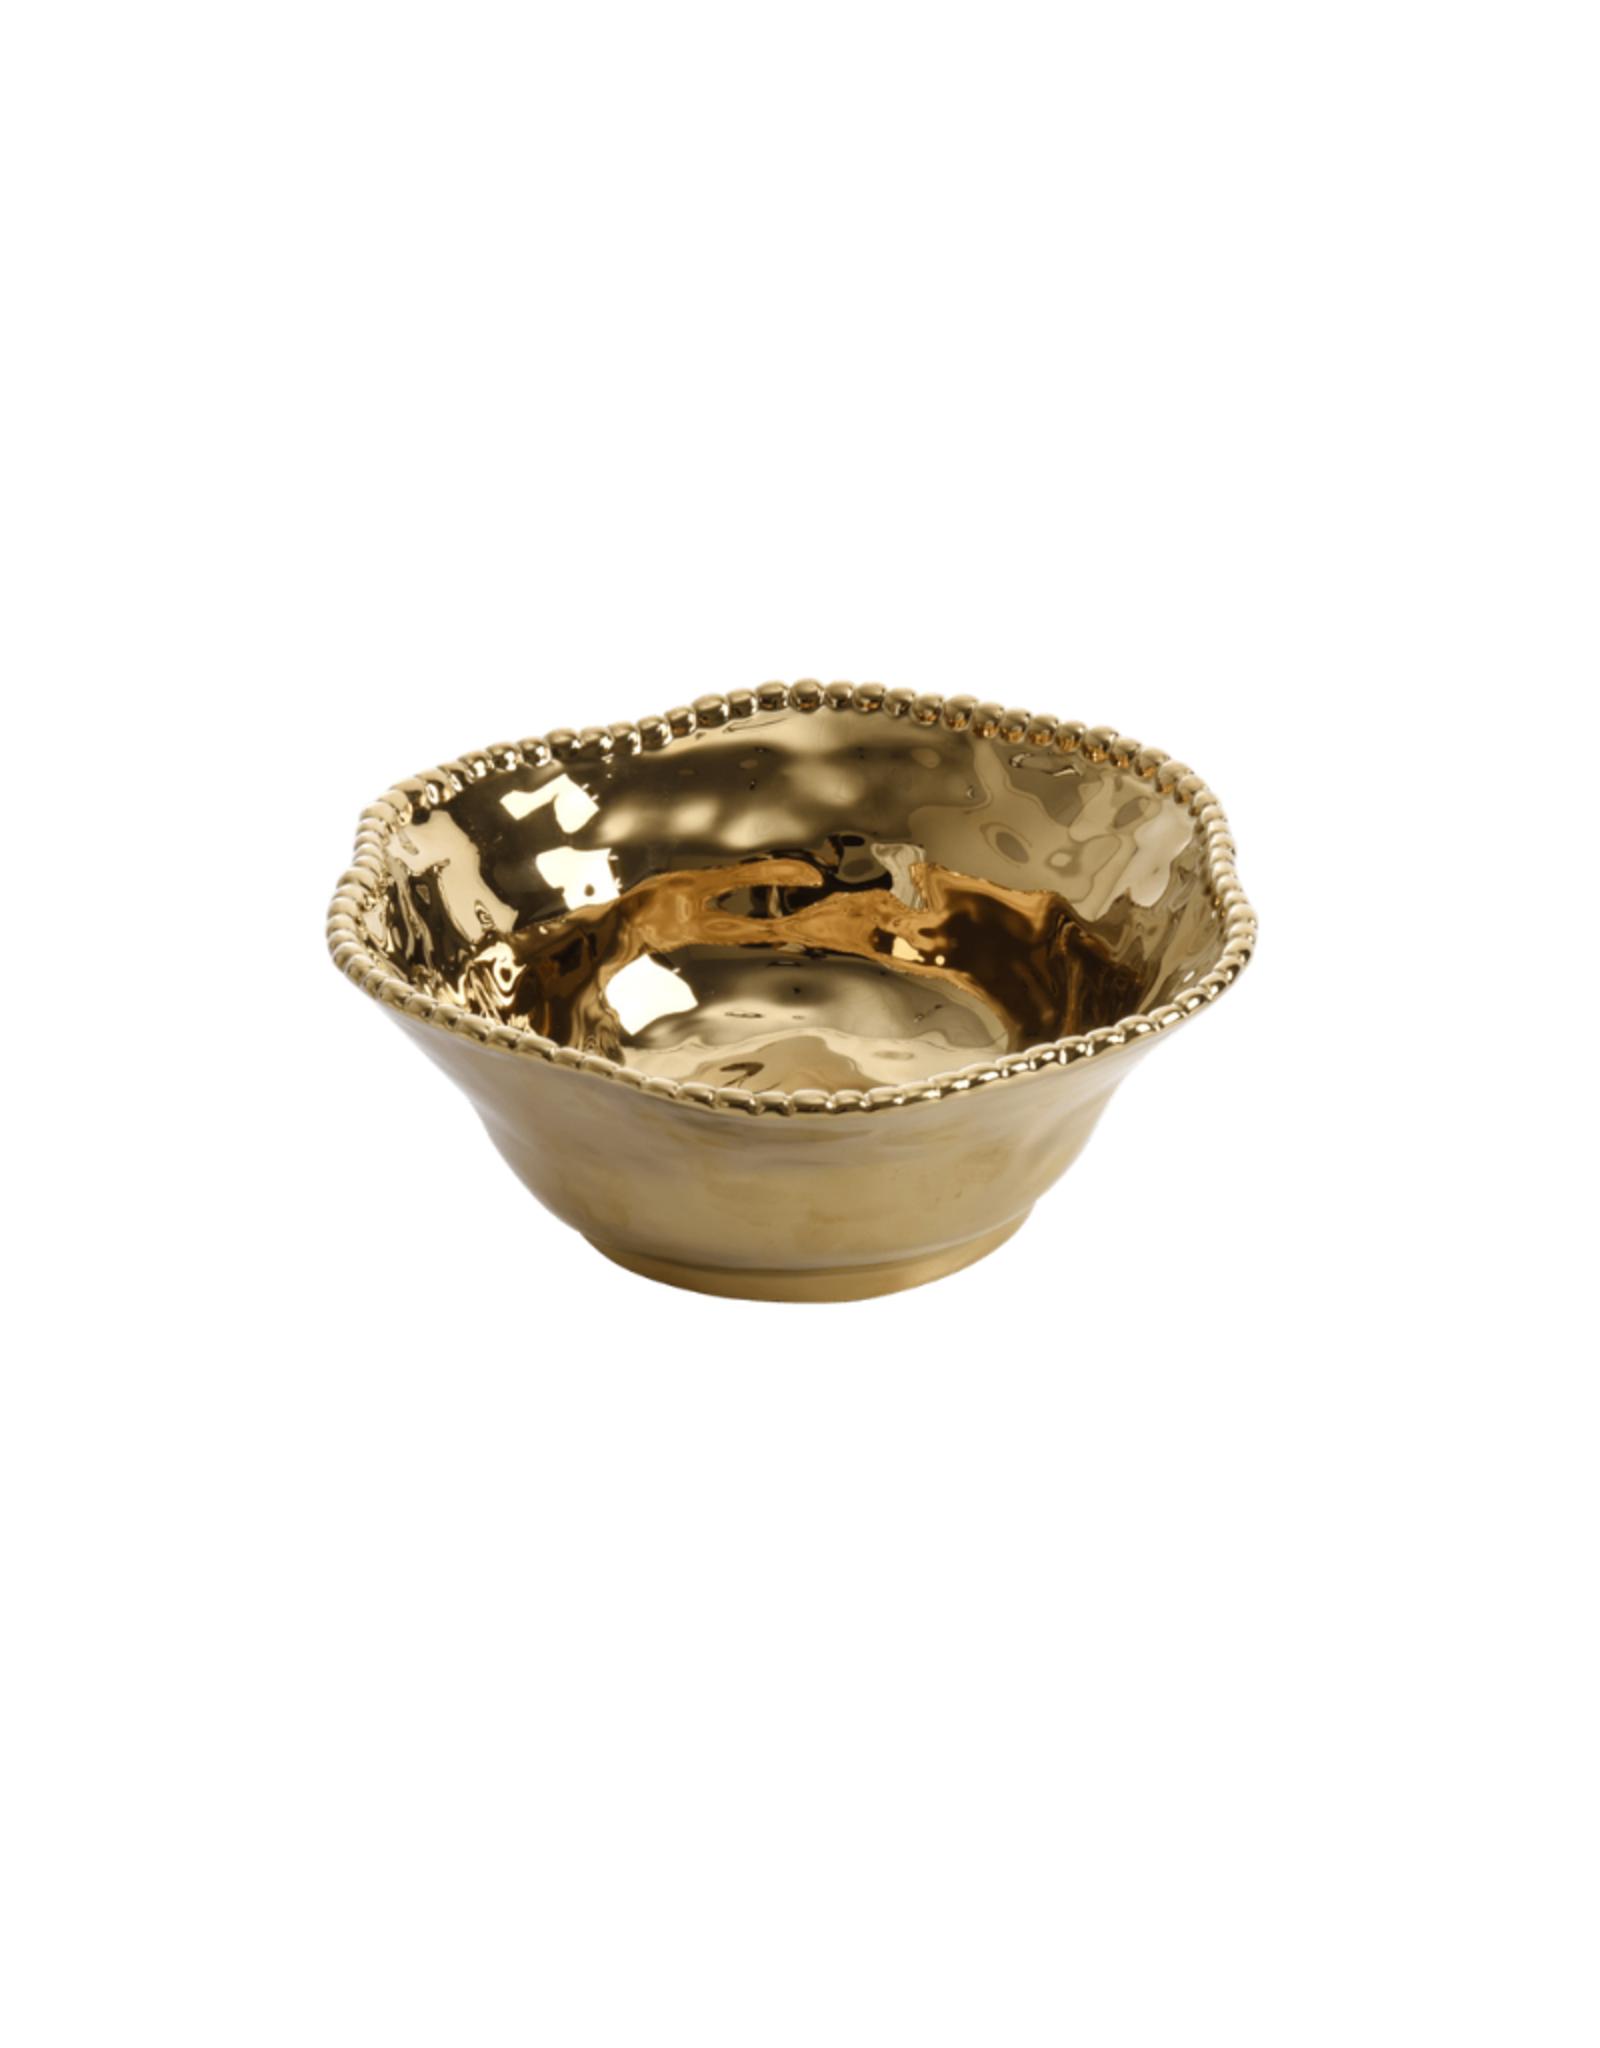 Gold Porcelain Salad Bowl